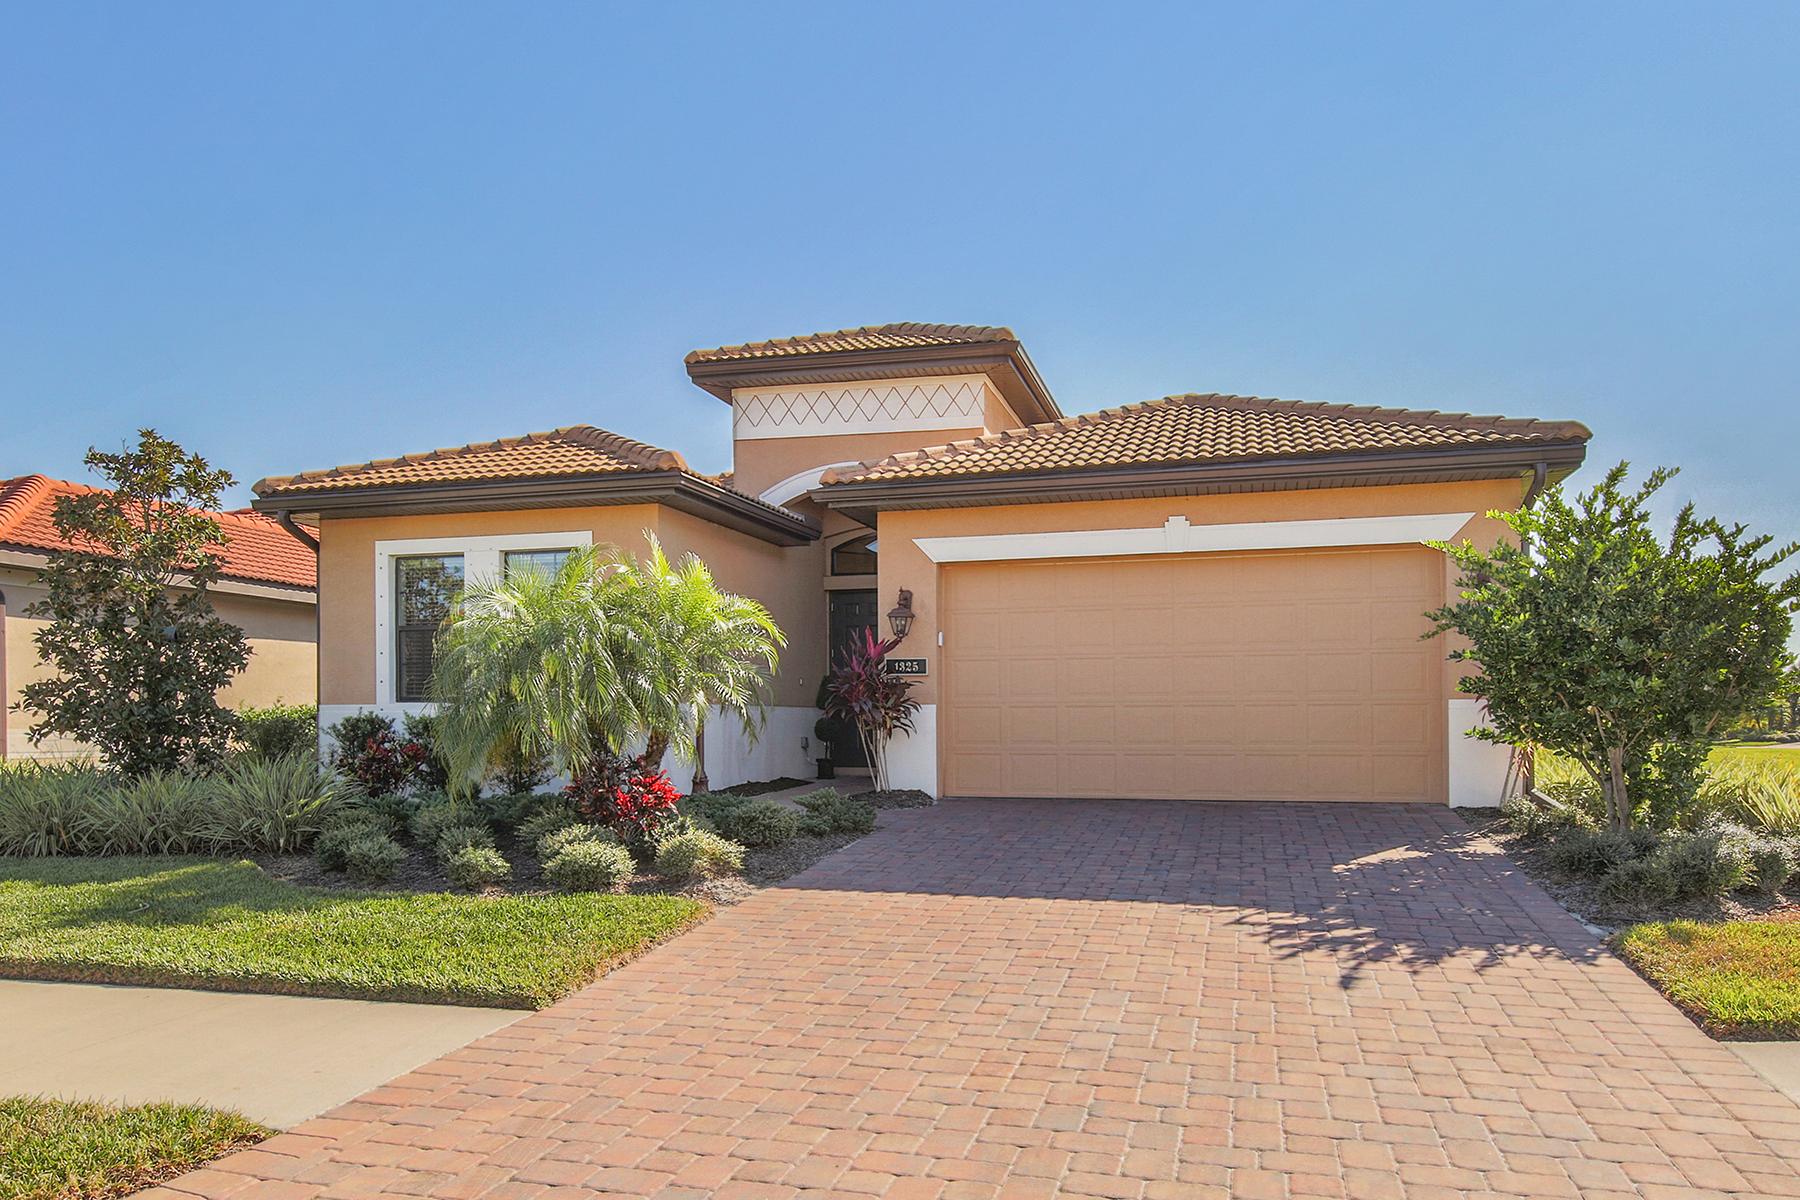 Maison unifamiliale pour l Vente à WILLOW CHASE 1325 Cielo Ct North Venice, Florida, 34275 États-Unis